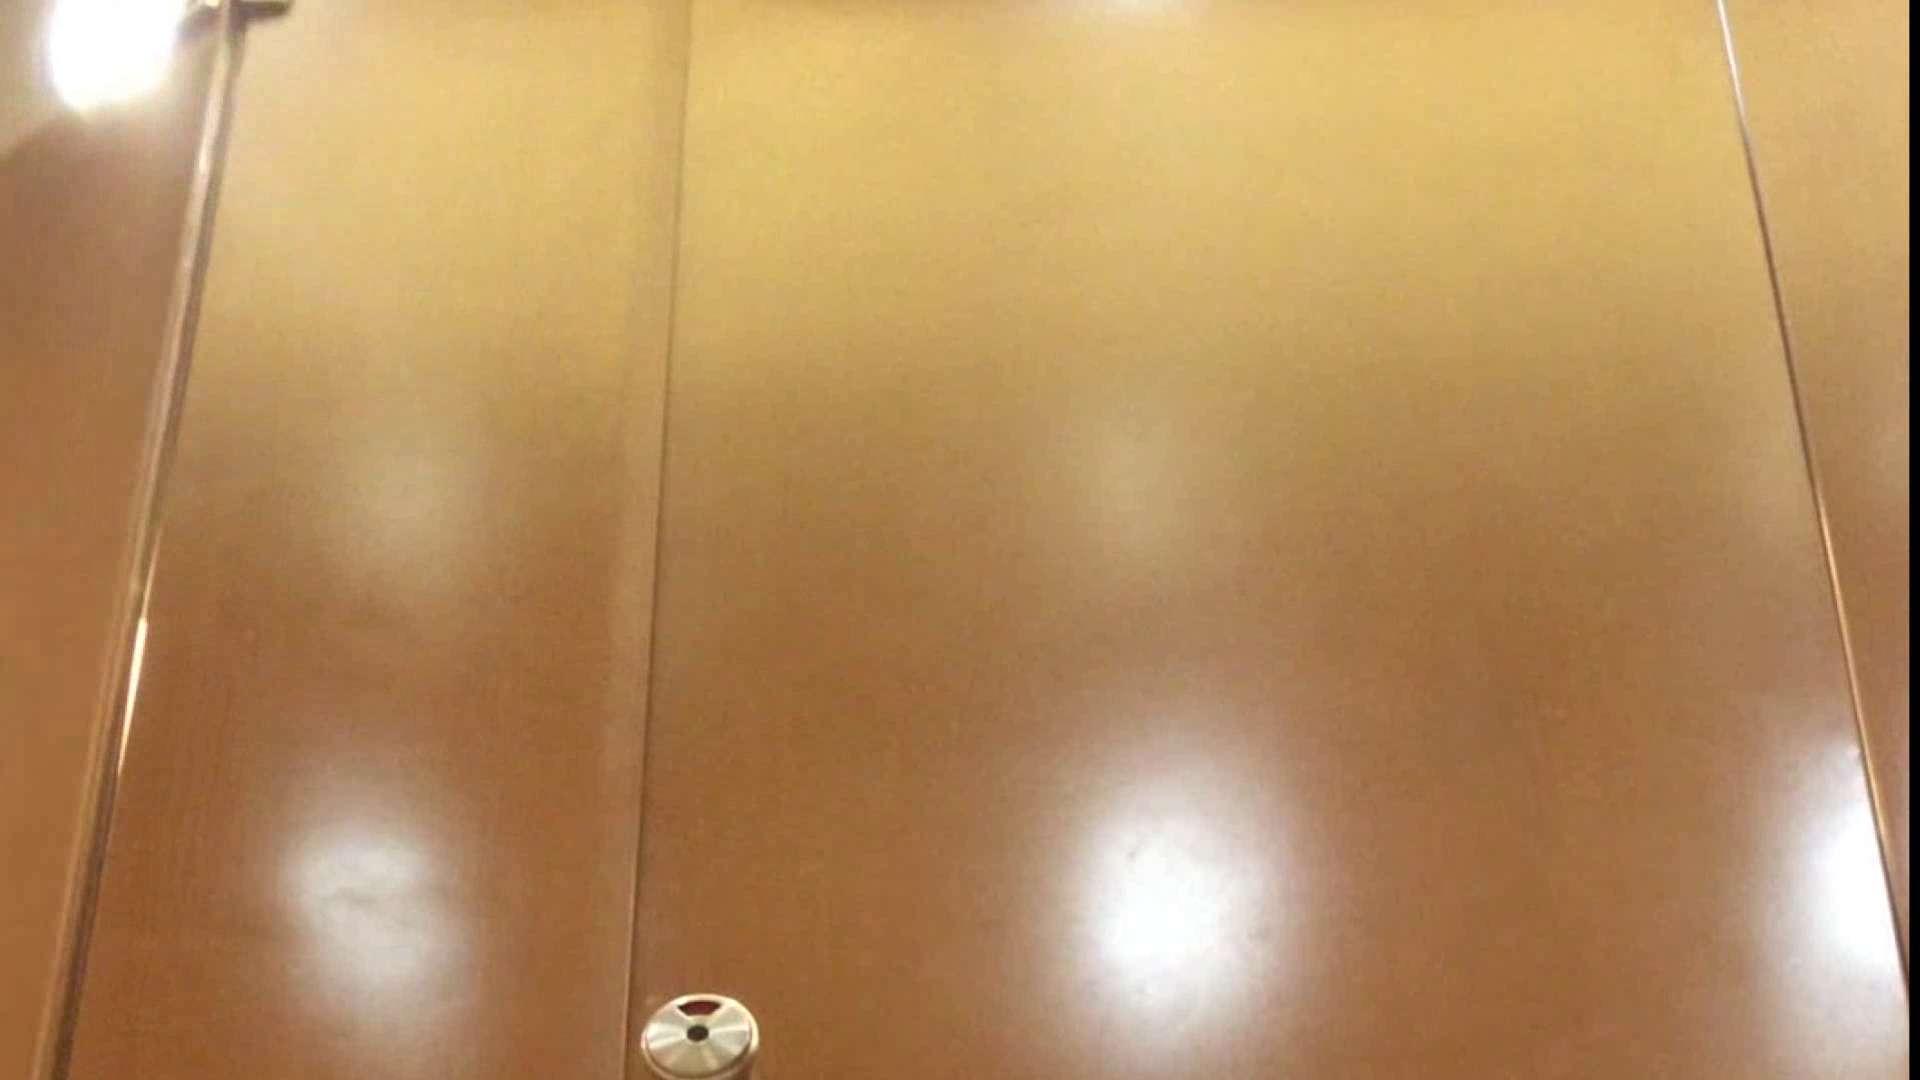 「噂」の国の厠観察日記2 Vol.01 人気シリーズ えろ無修正画像 102pic 11